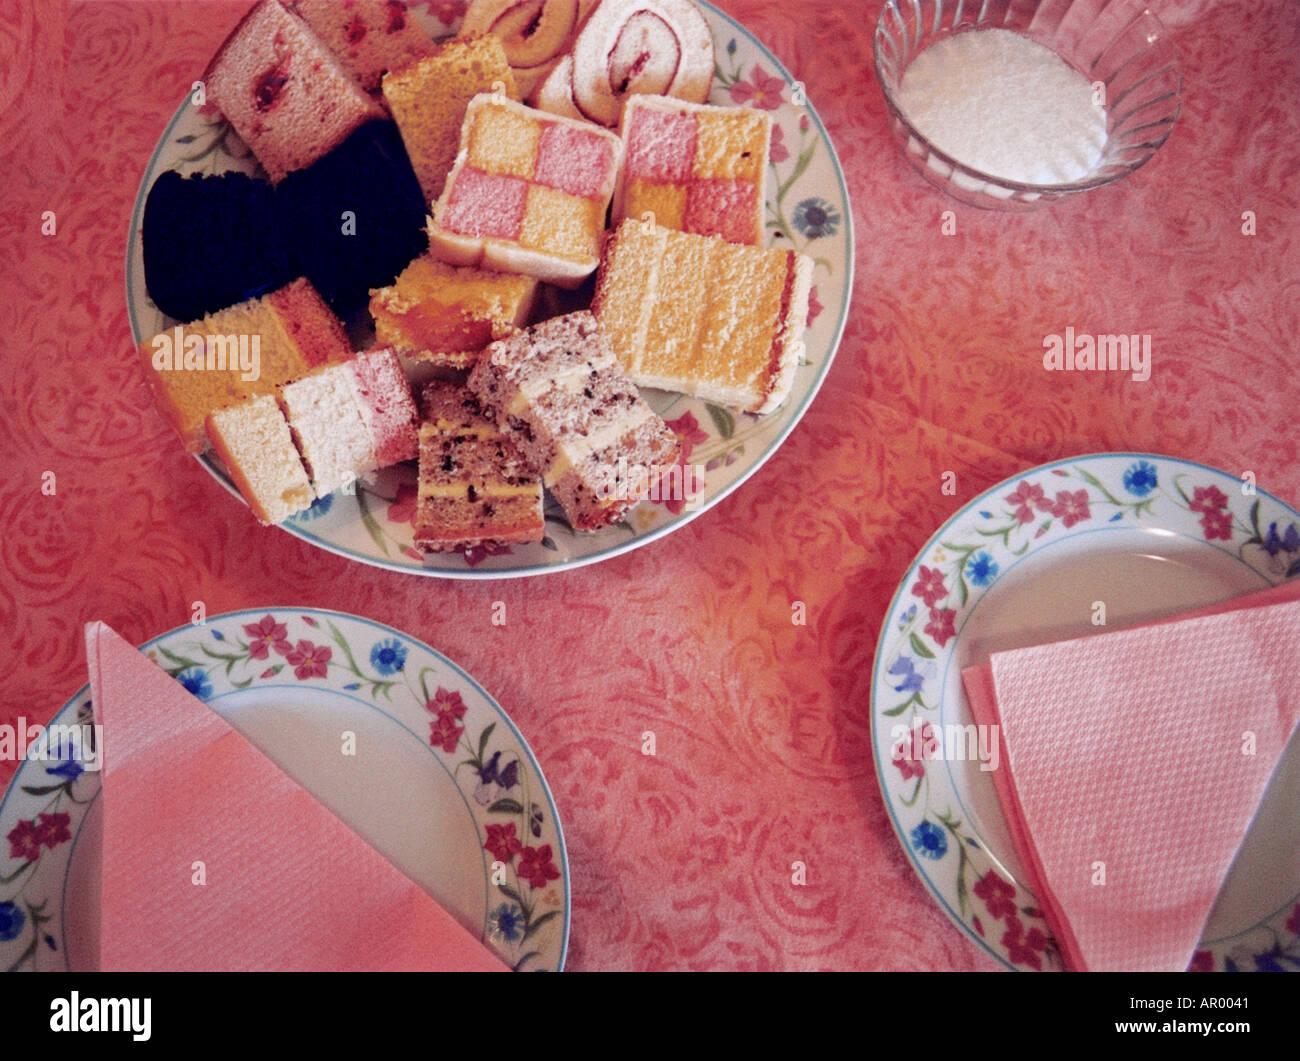 Tea birthday party cake napkins - Stock Image